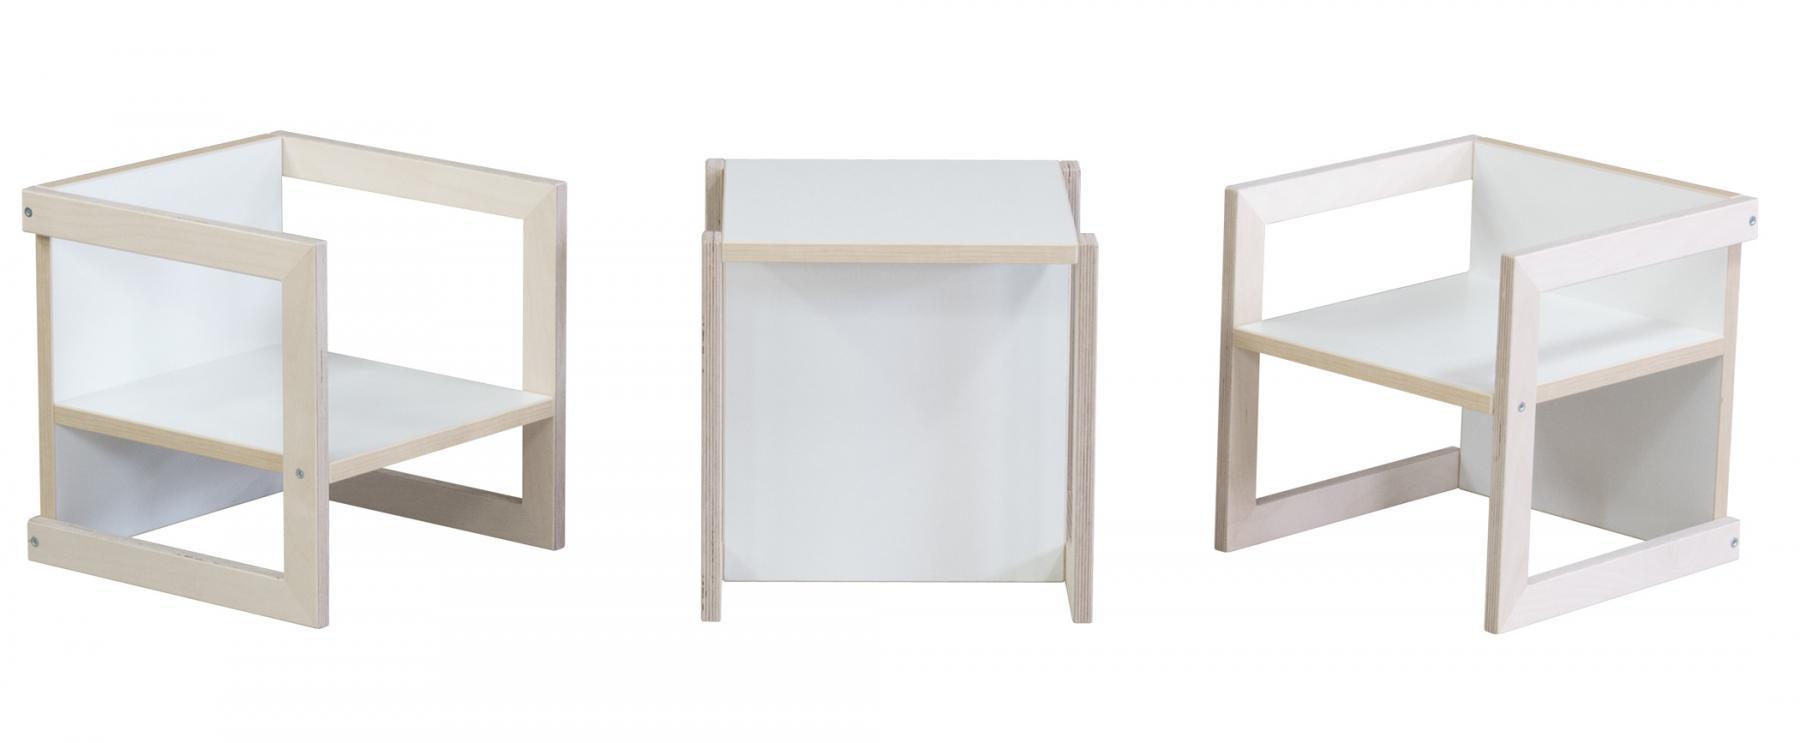 Stuhl Und Tisch kinderstuhl kindermöbel stuhl tisch michel birke weiss in 3